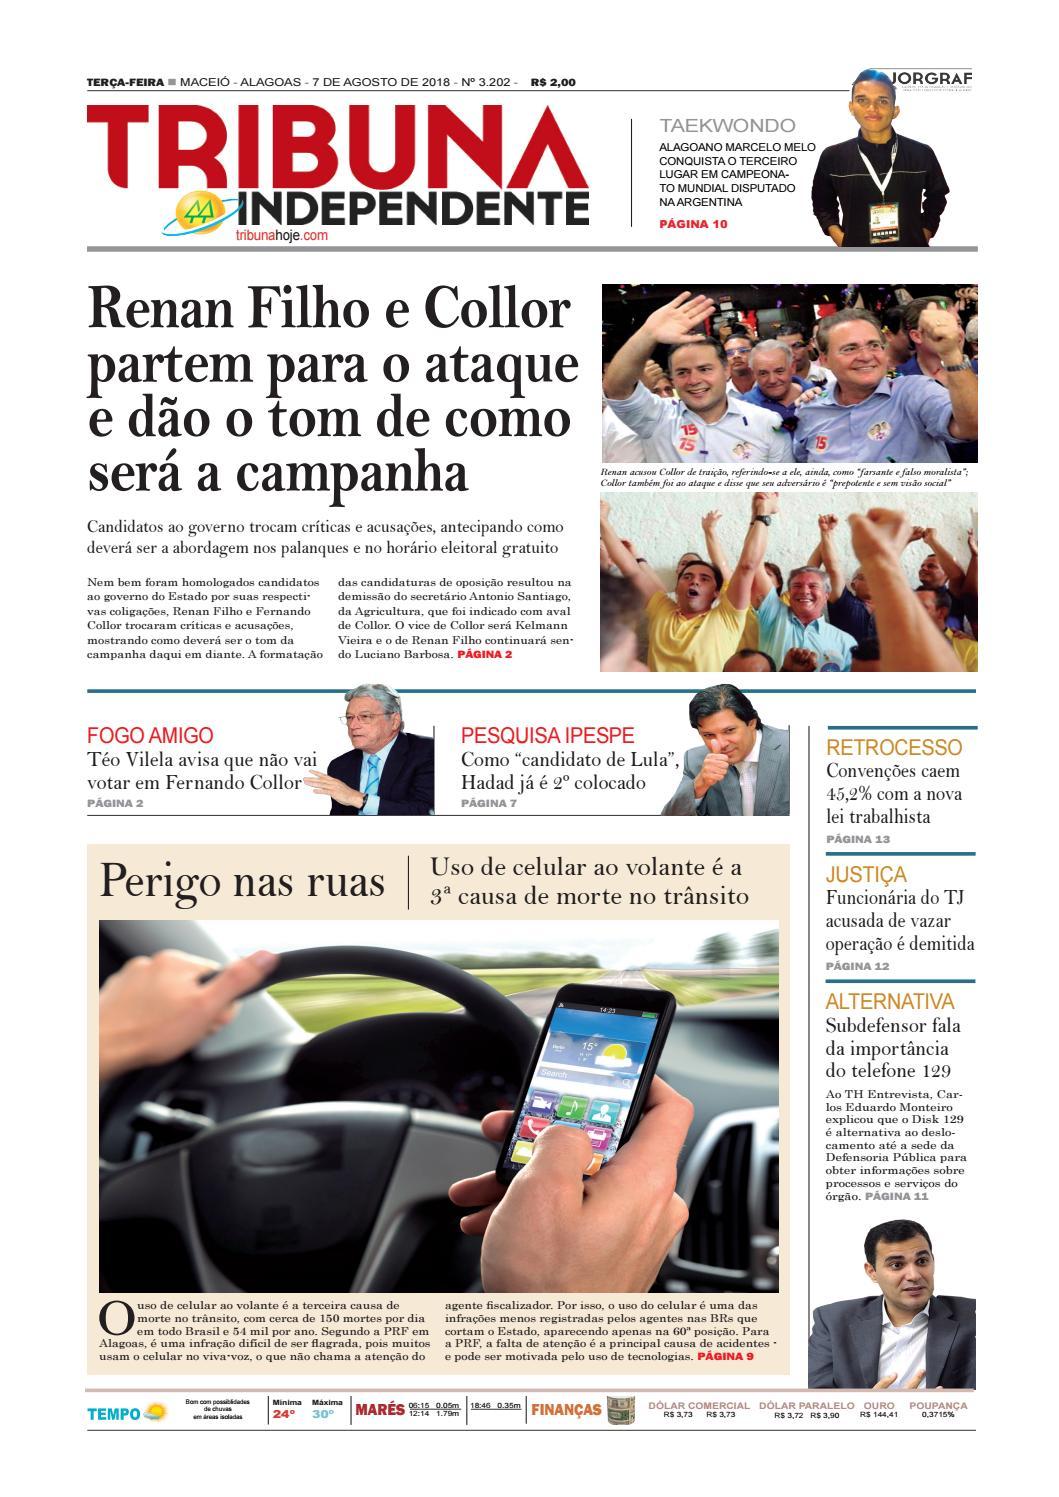 Edição número 3202 - 7 de agosto de 2018 by Tribuna Hoje - issuu 7a76f9da41